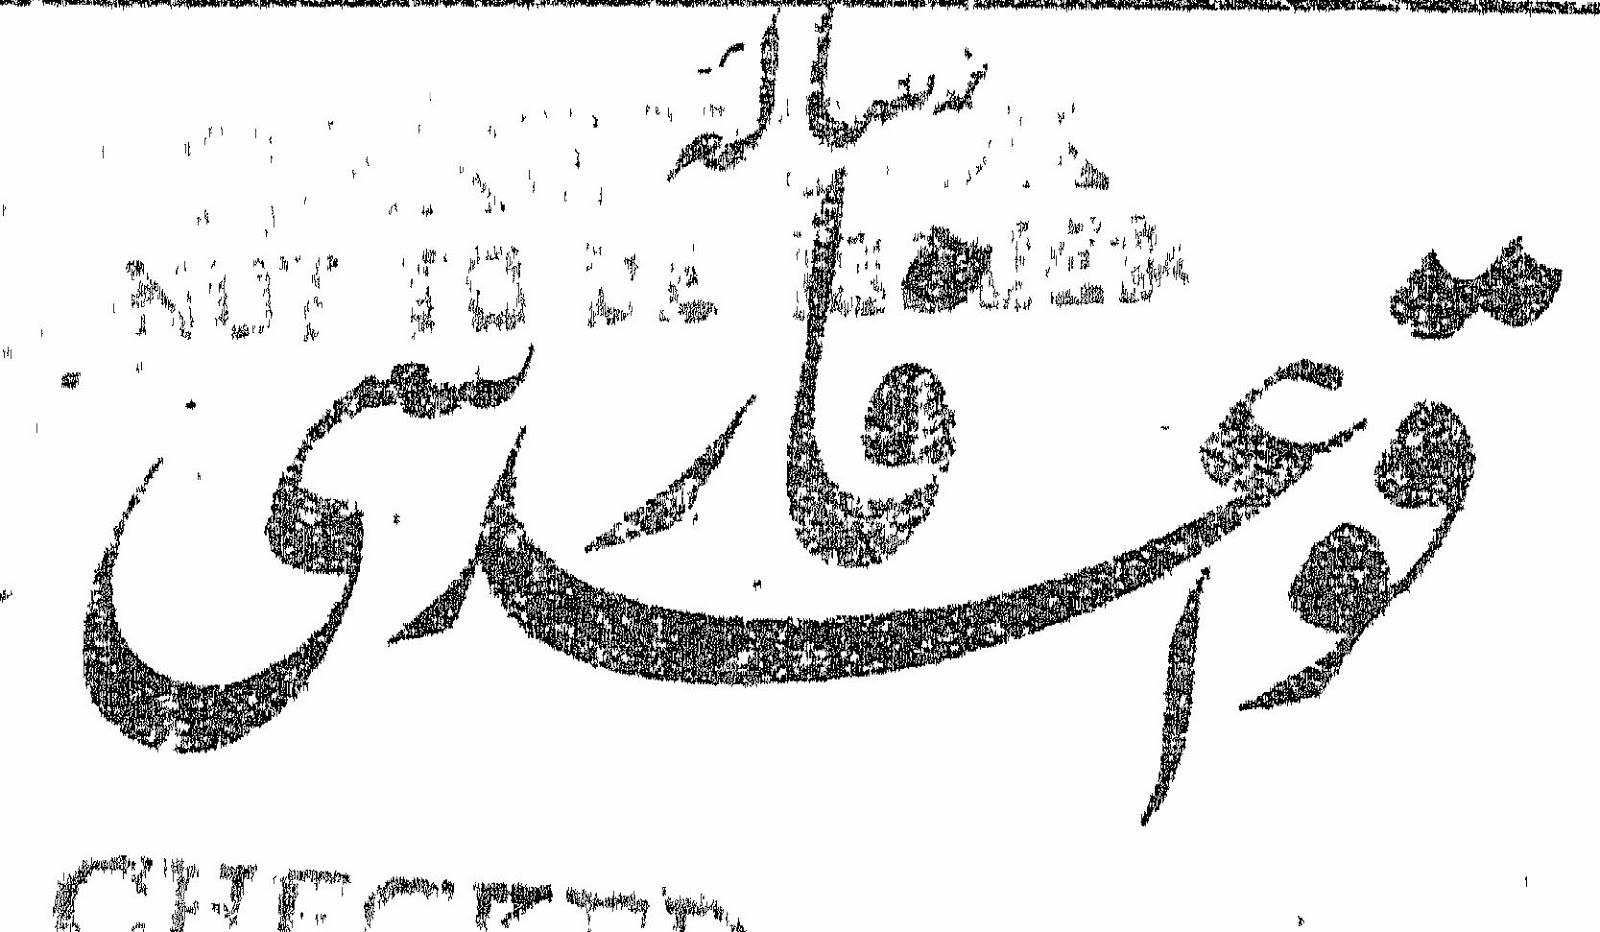 http://books.google.com.pk/books?id=7W5KAgAAQBAJ&lpg=PA1&pg=PA1#v=onepage&q&f=false